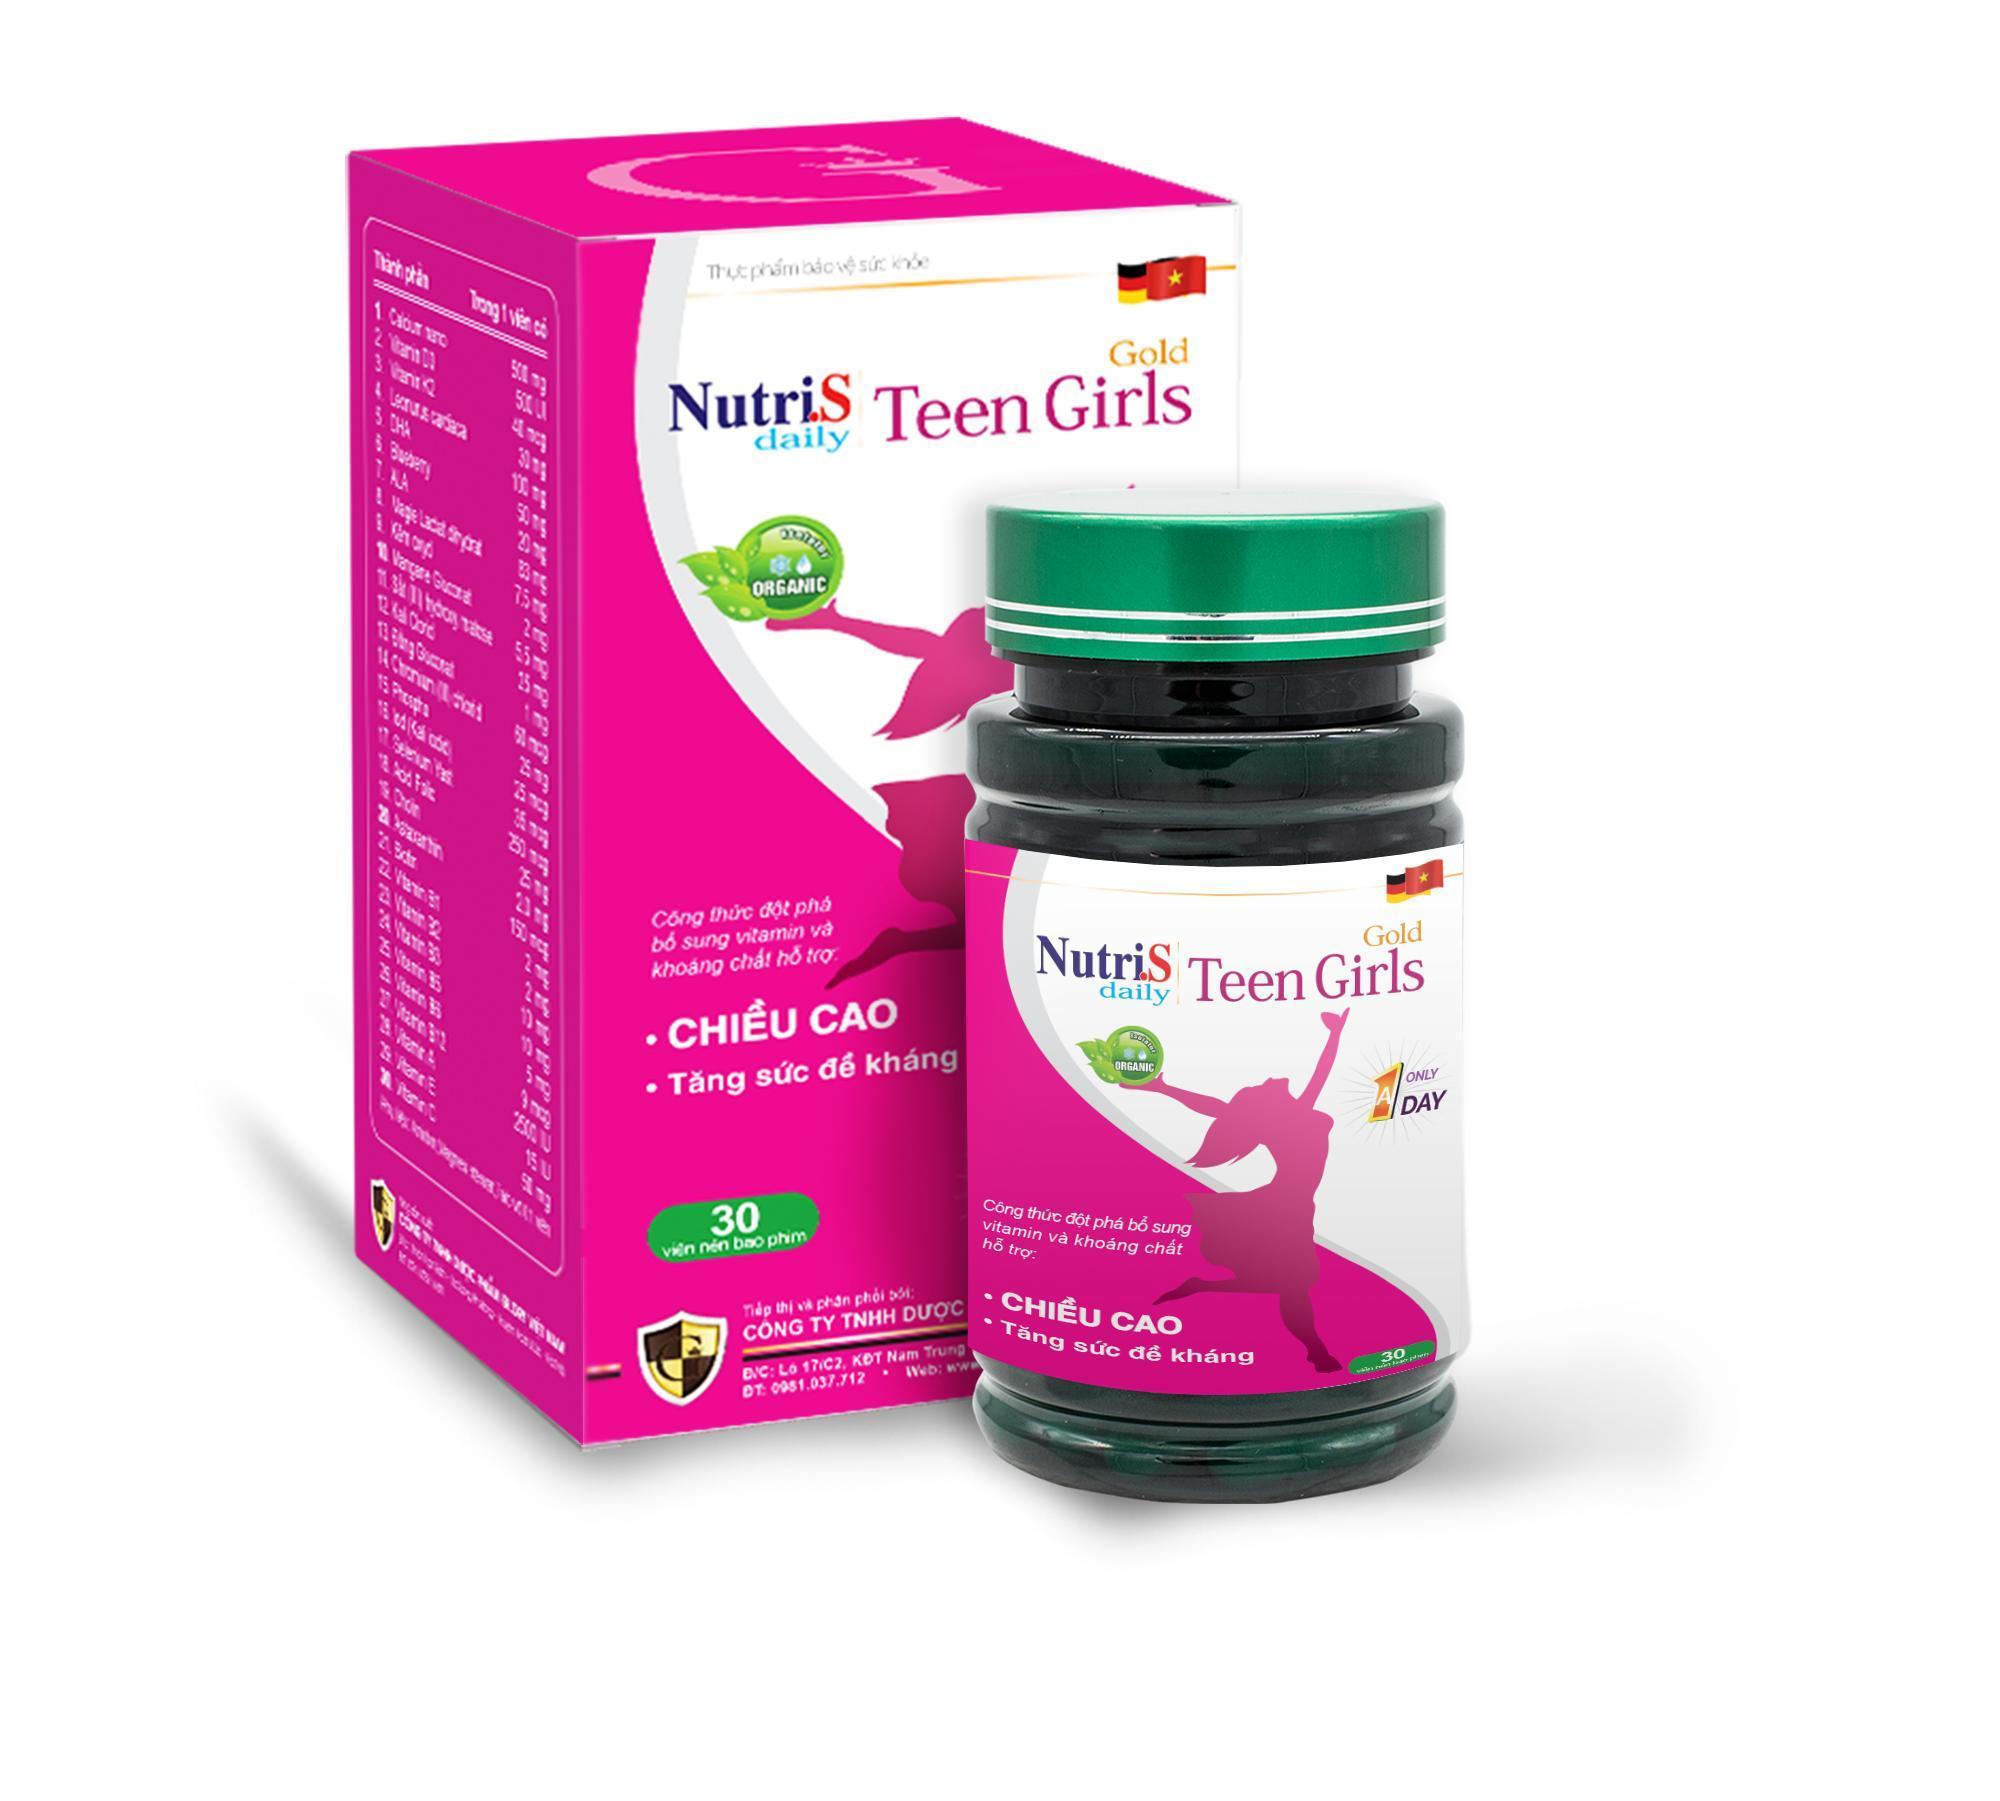 Thực phẩm tăng  chiều cao cho trẻ Nutri.S Daily Teen Girls Gold cao cấp